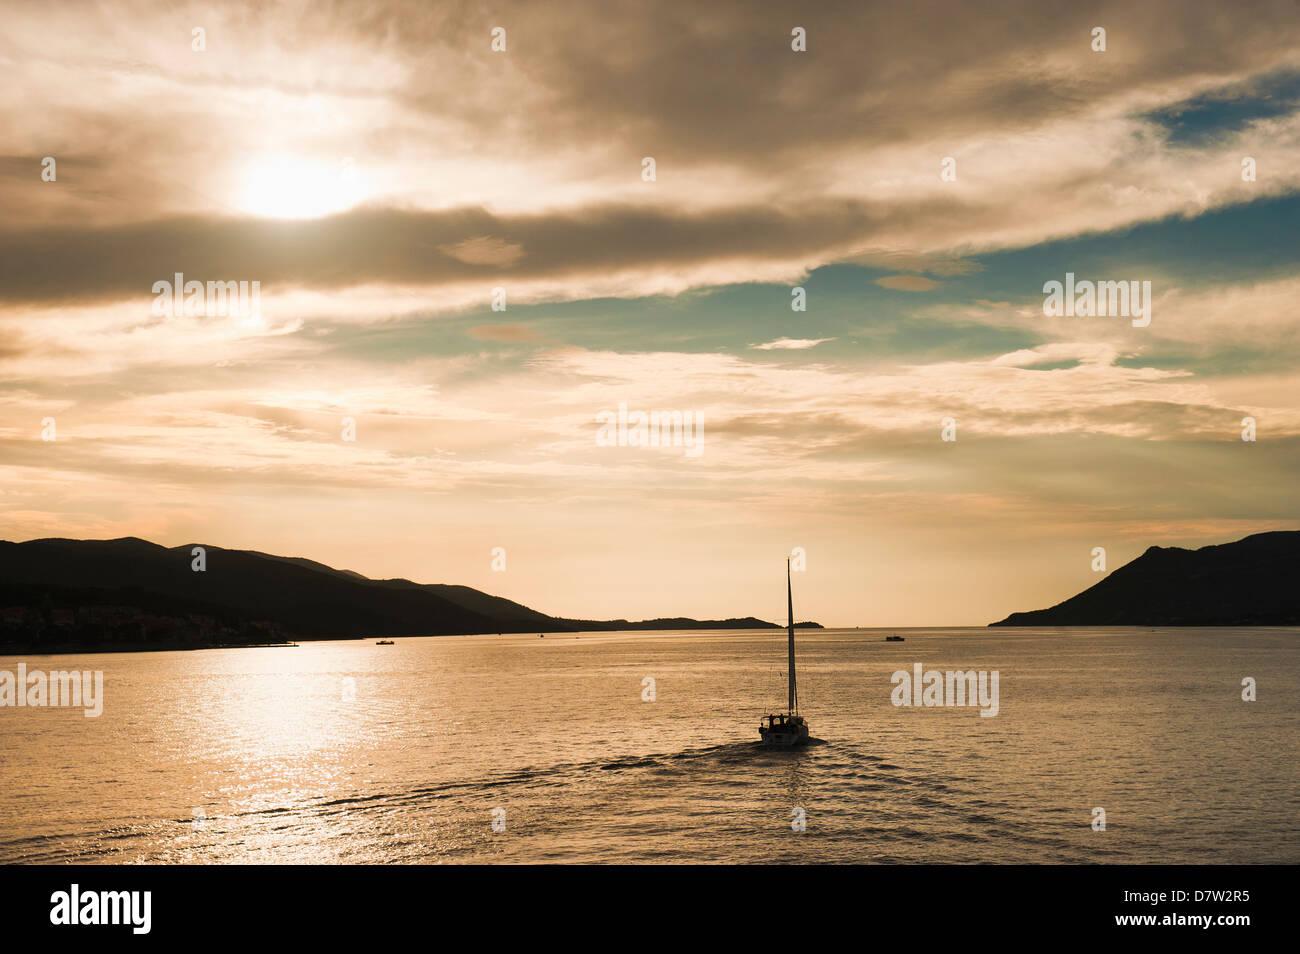 Sailing boat at sunset on the Dalmatian Coast, Adriatic, Croatia - Stock Image